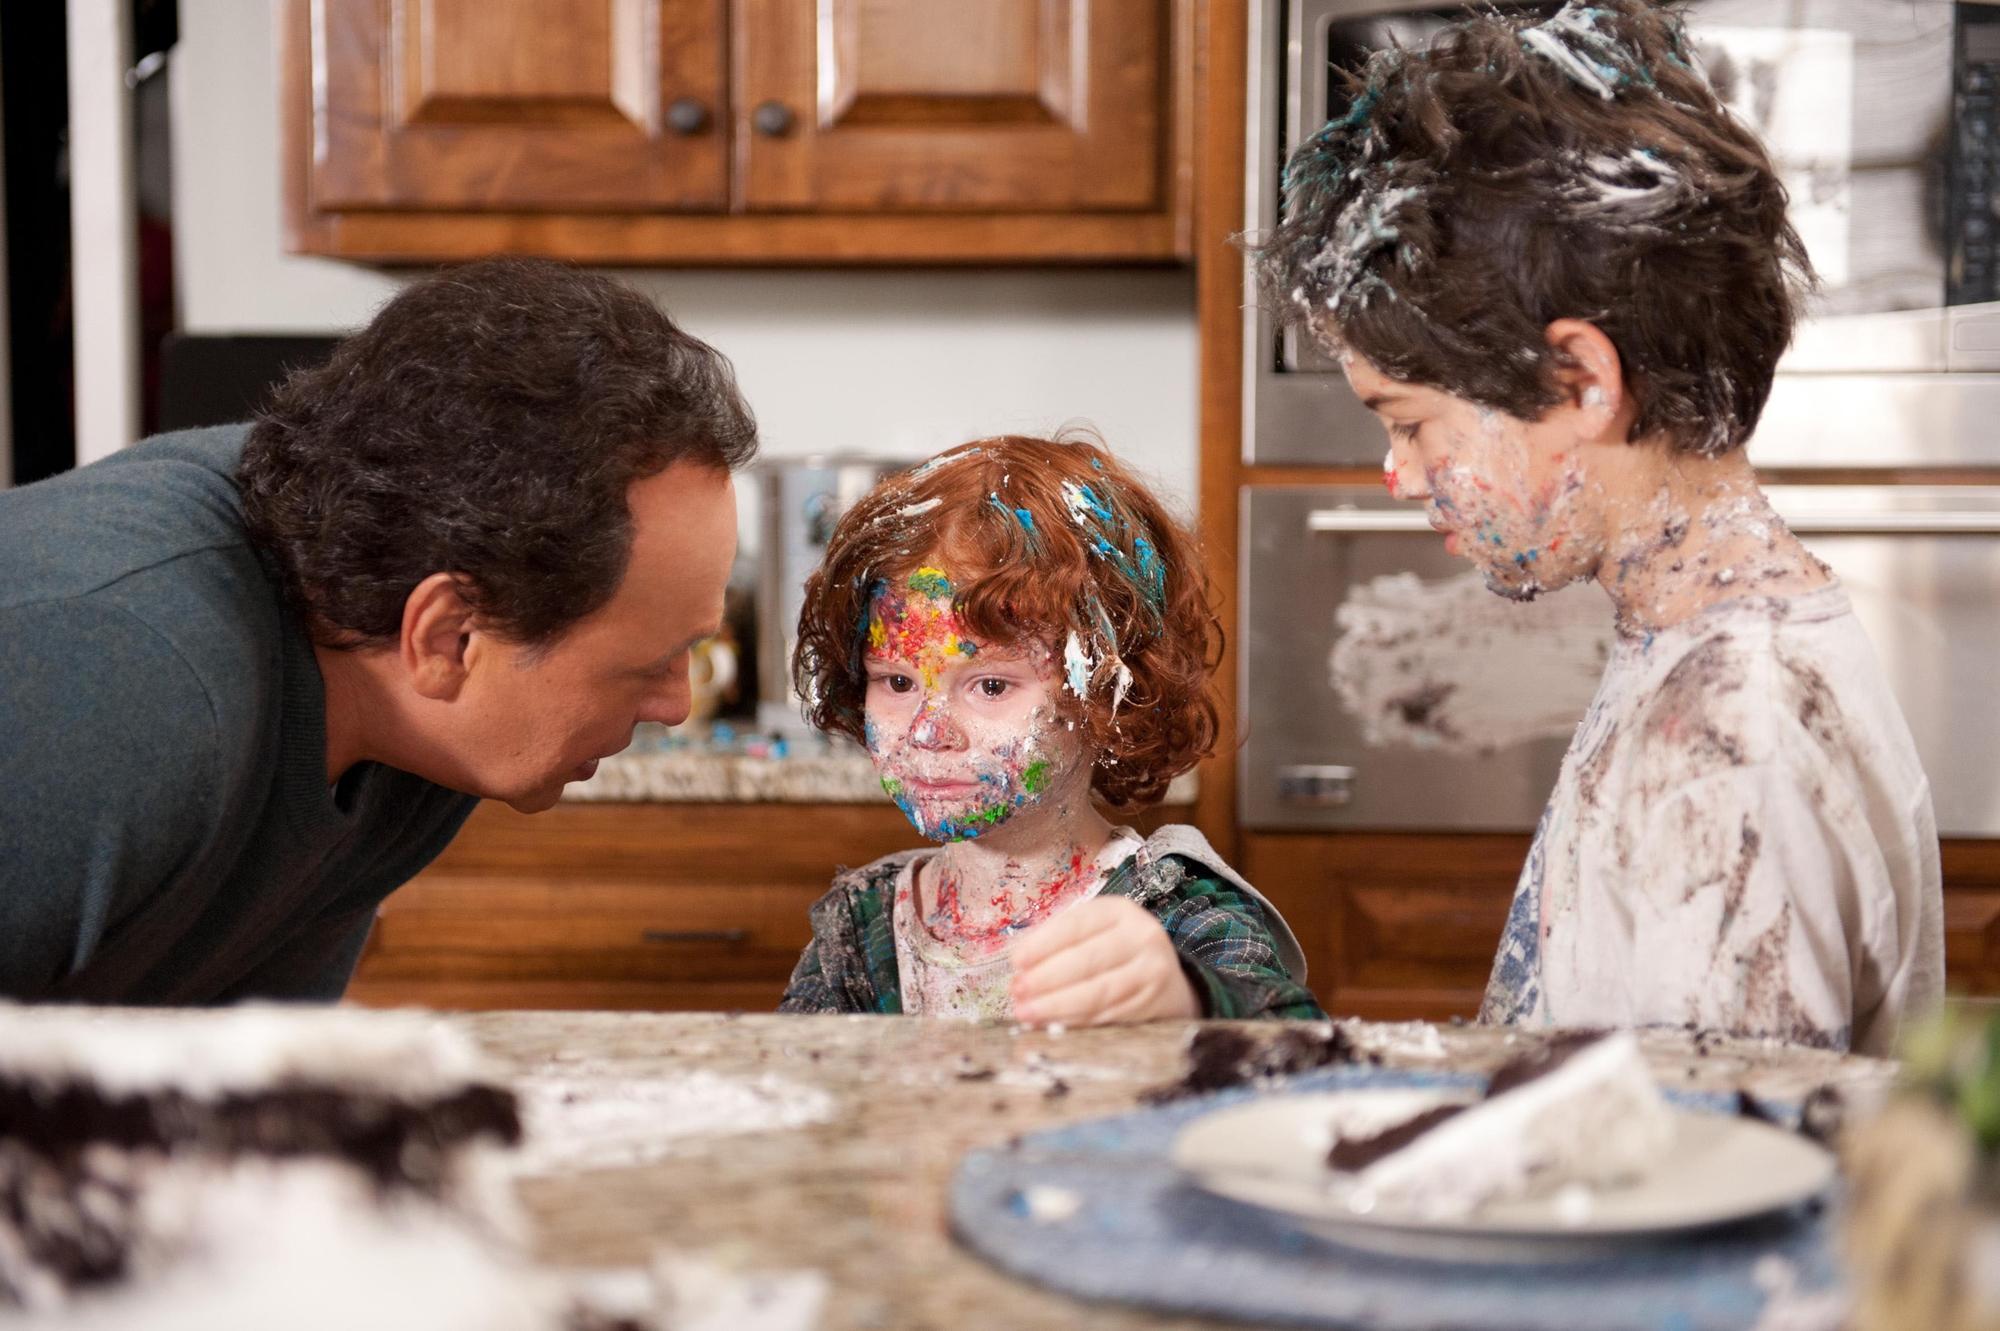 Метод пряника и кнута не работает при воспитании детей